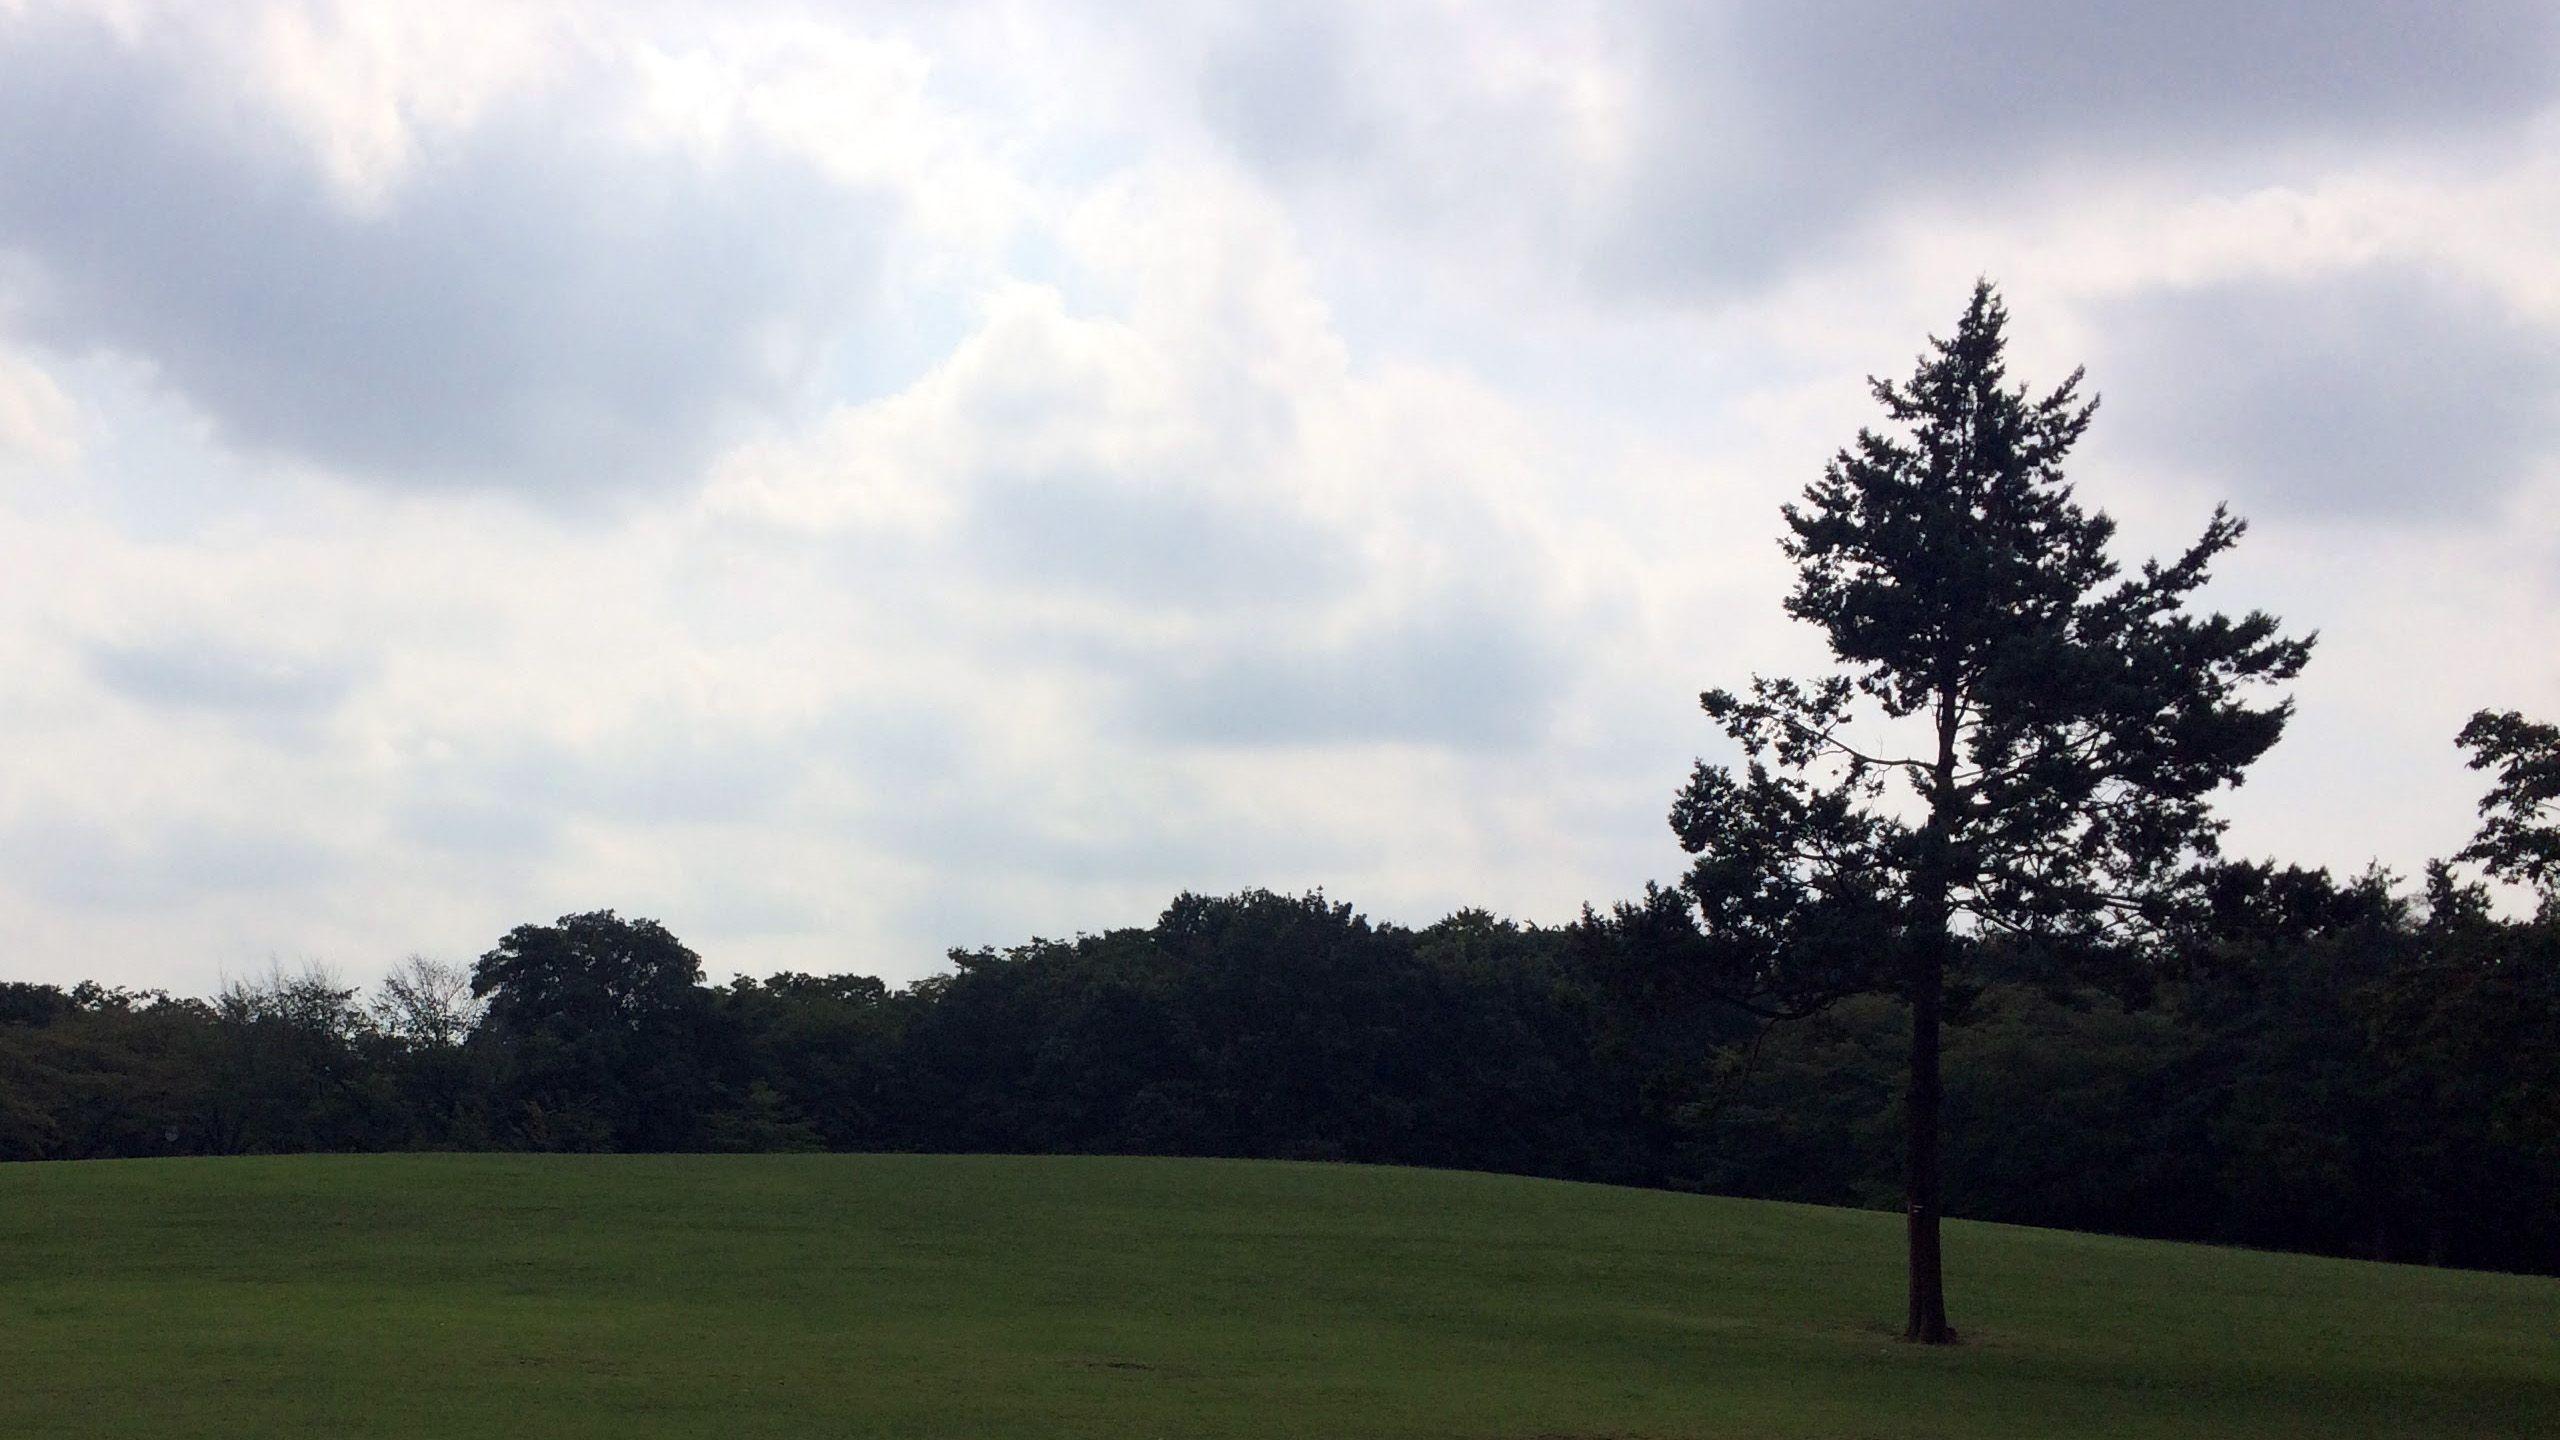 芝生の広場は平らな木陰からゆるやかな丘につながる